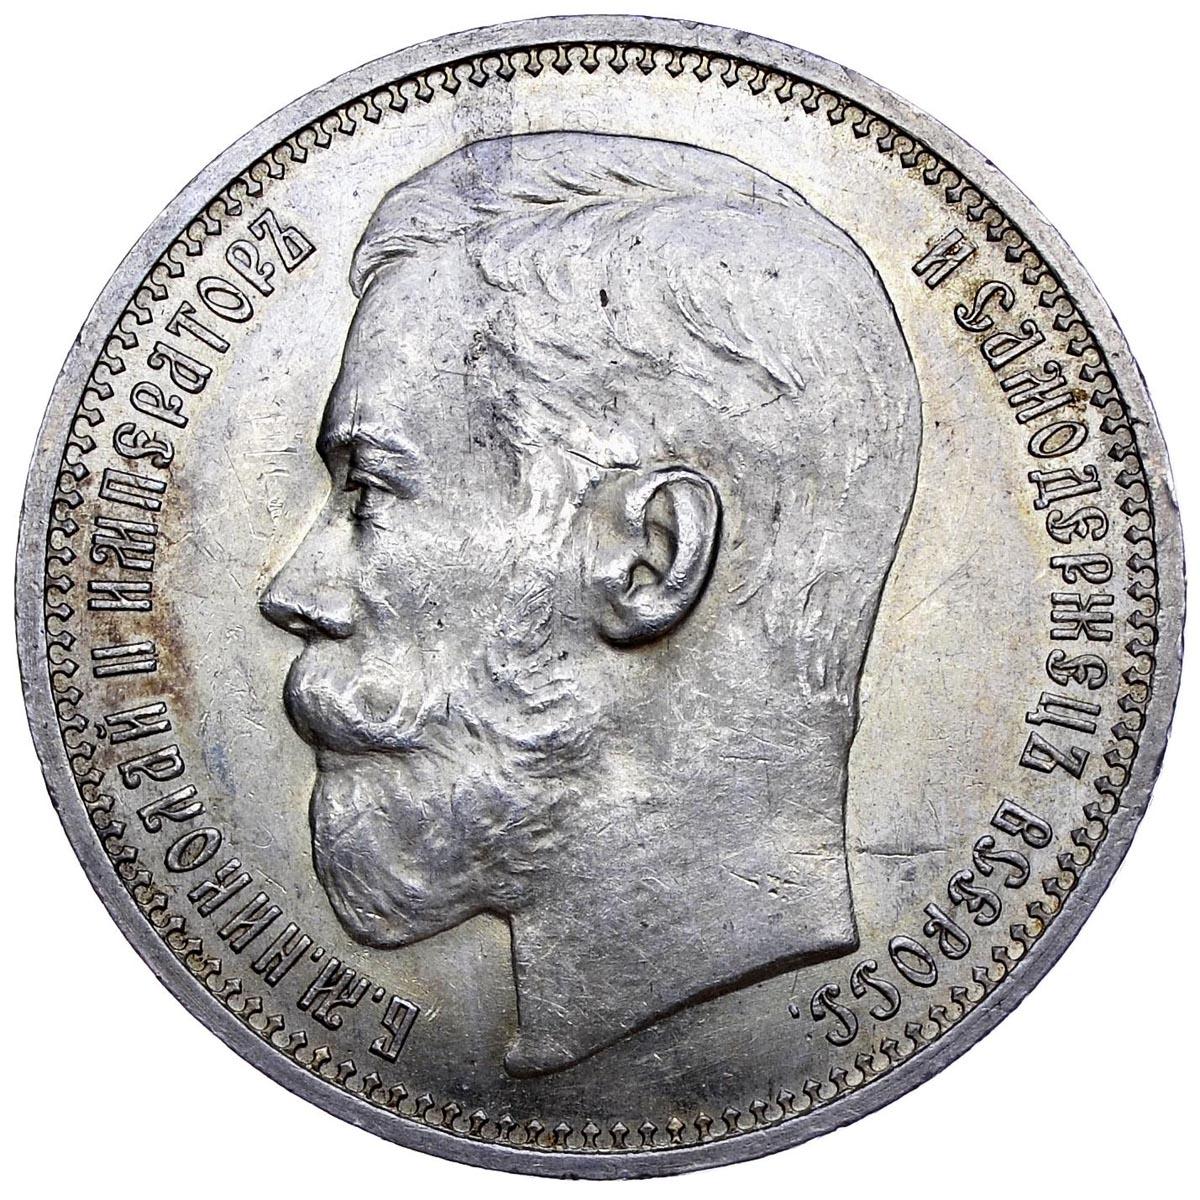 1рубль 1915 года цена стоимость монеты в рублях пол доллара кеннеди